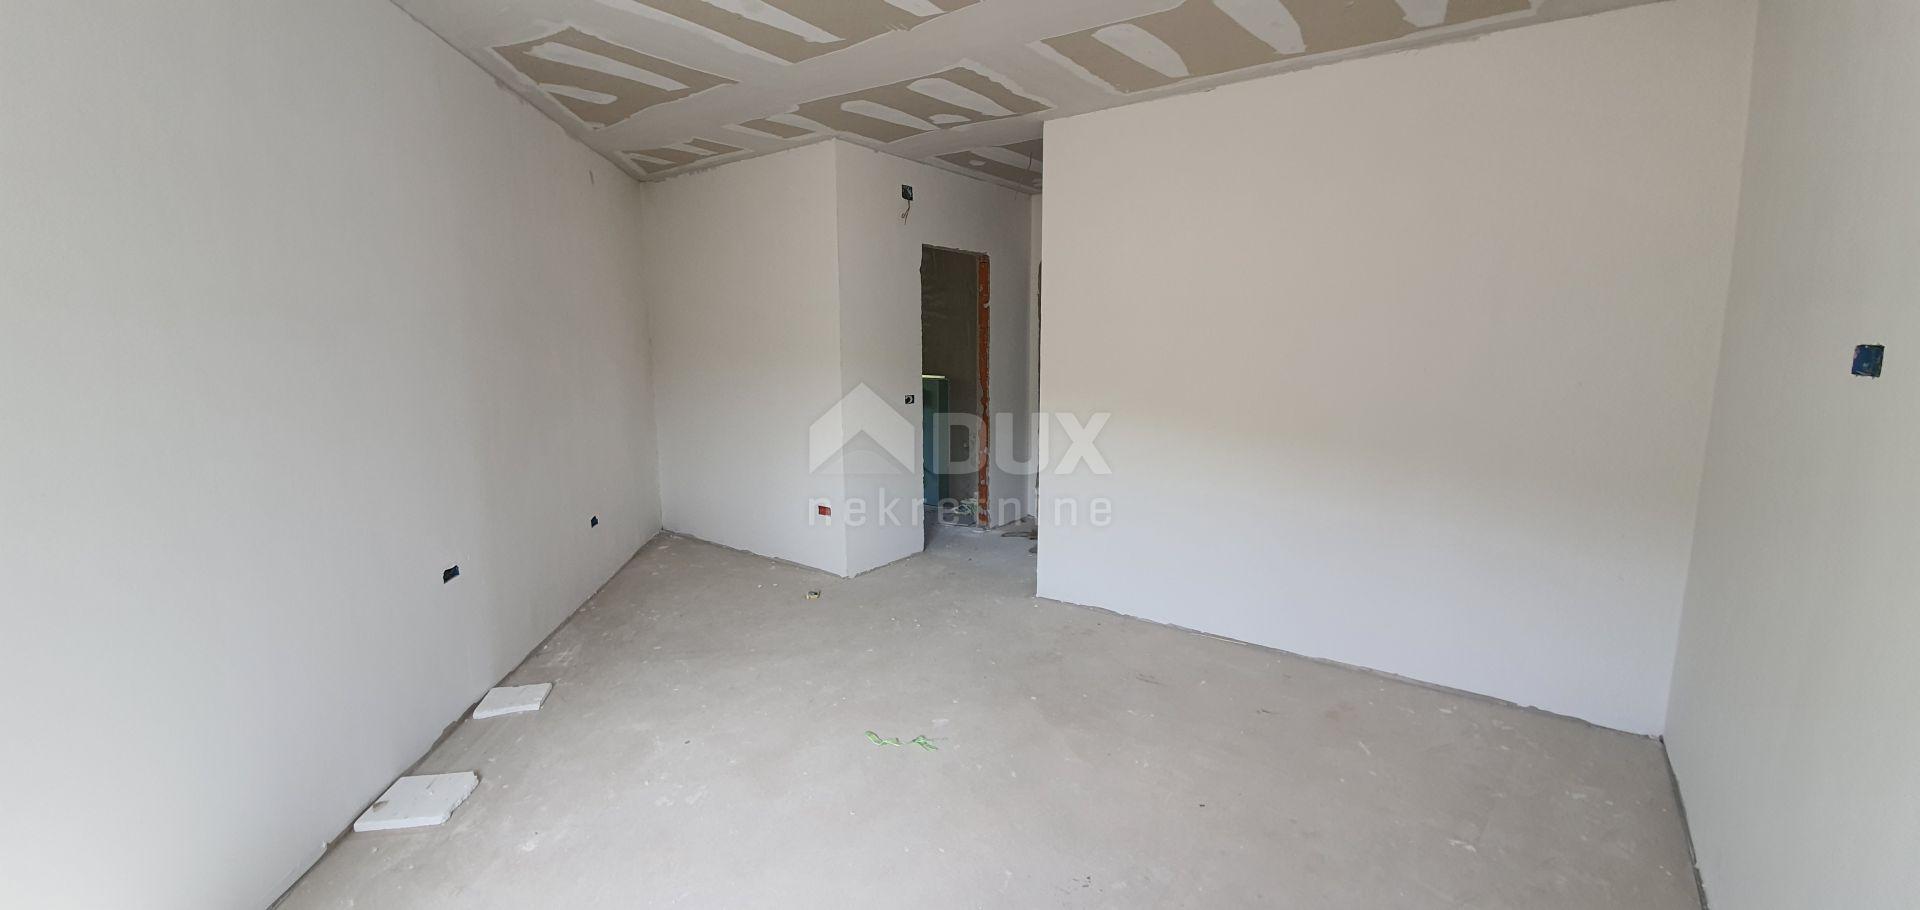 OPATIJA - 3S+DB stan,  150m², prodaja